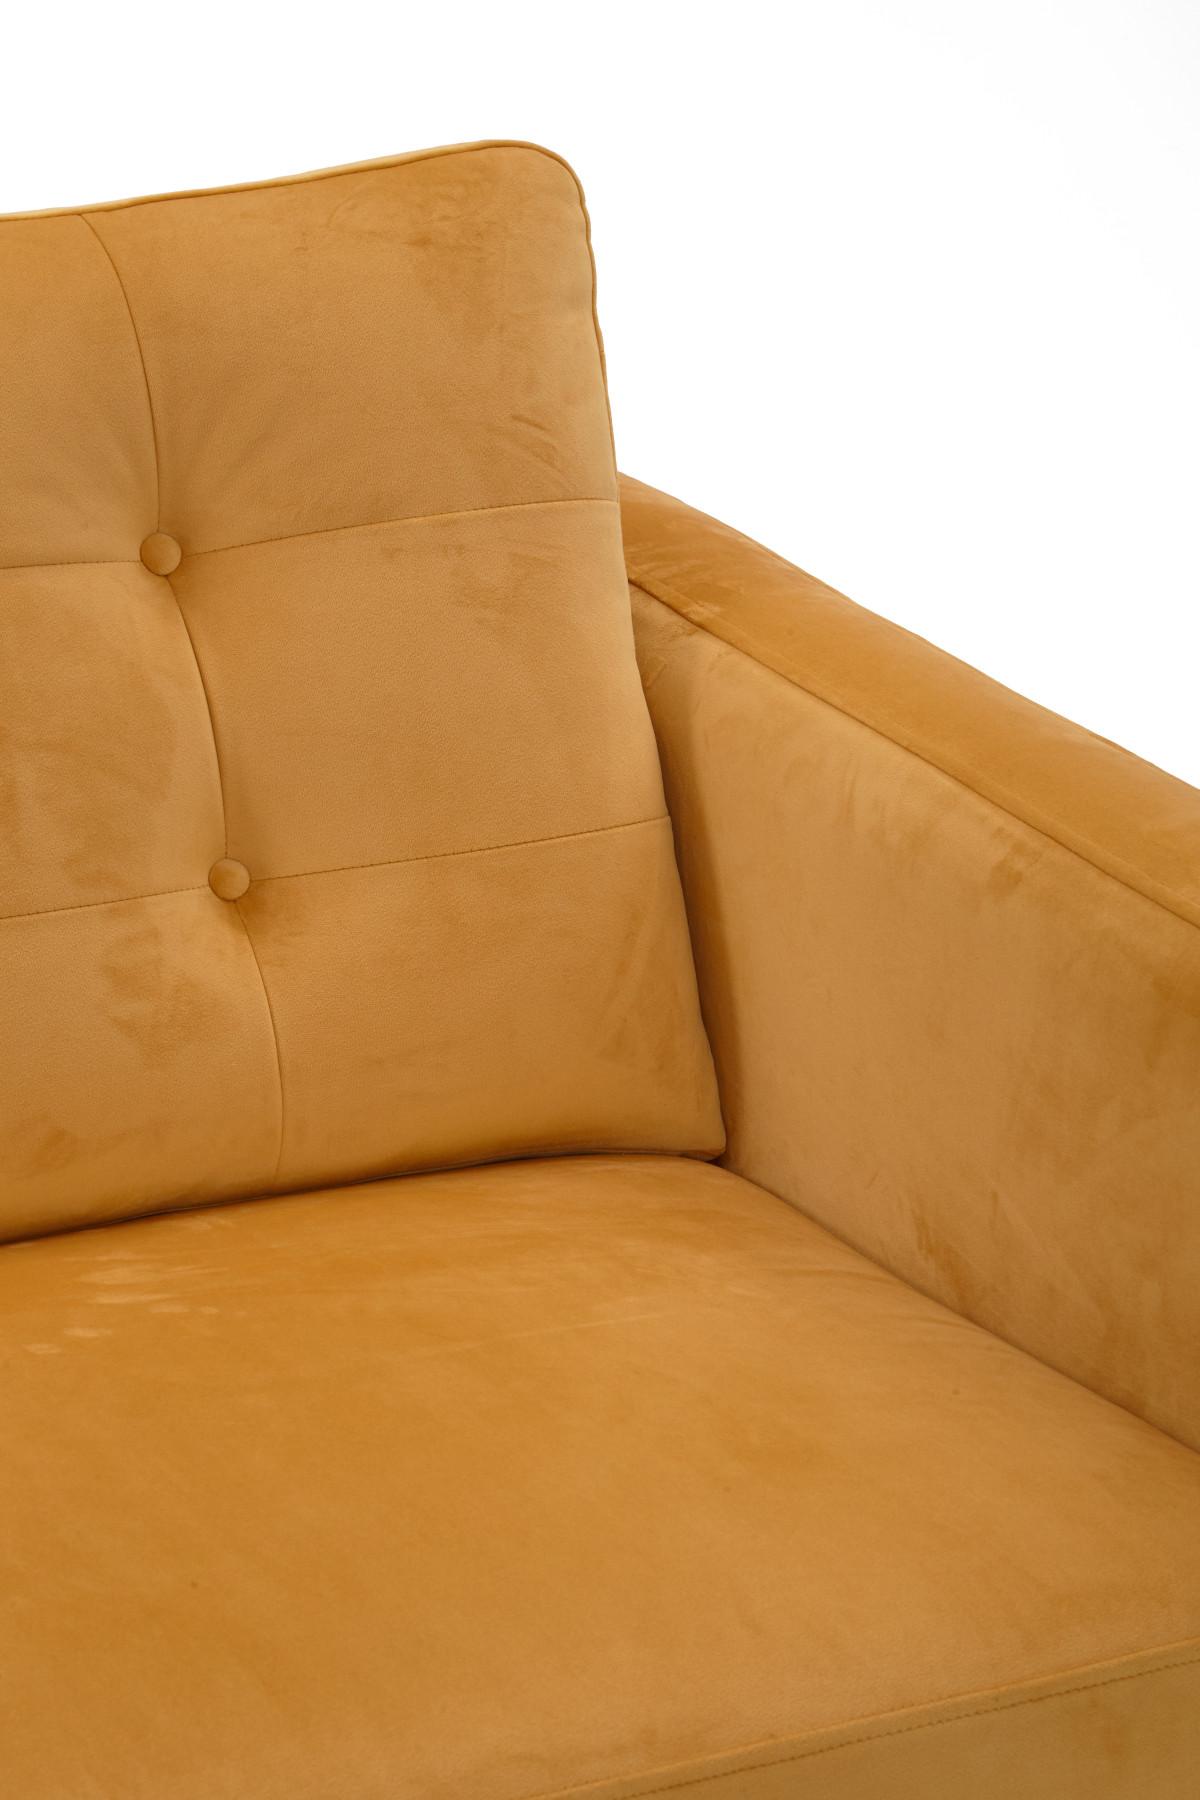 Harrison Cuddler Chair